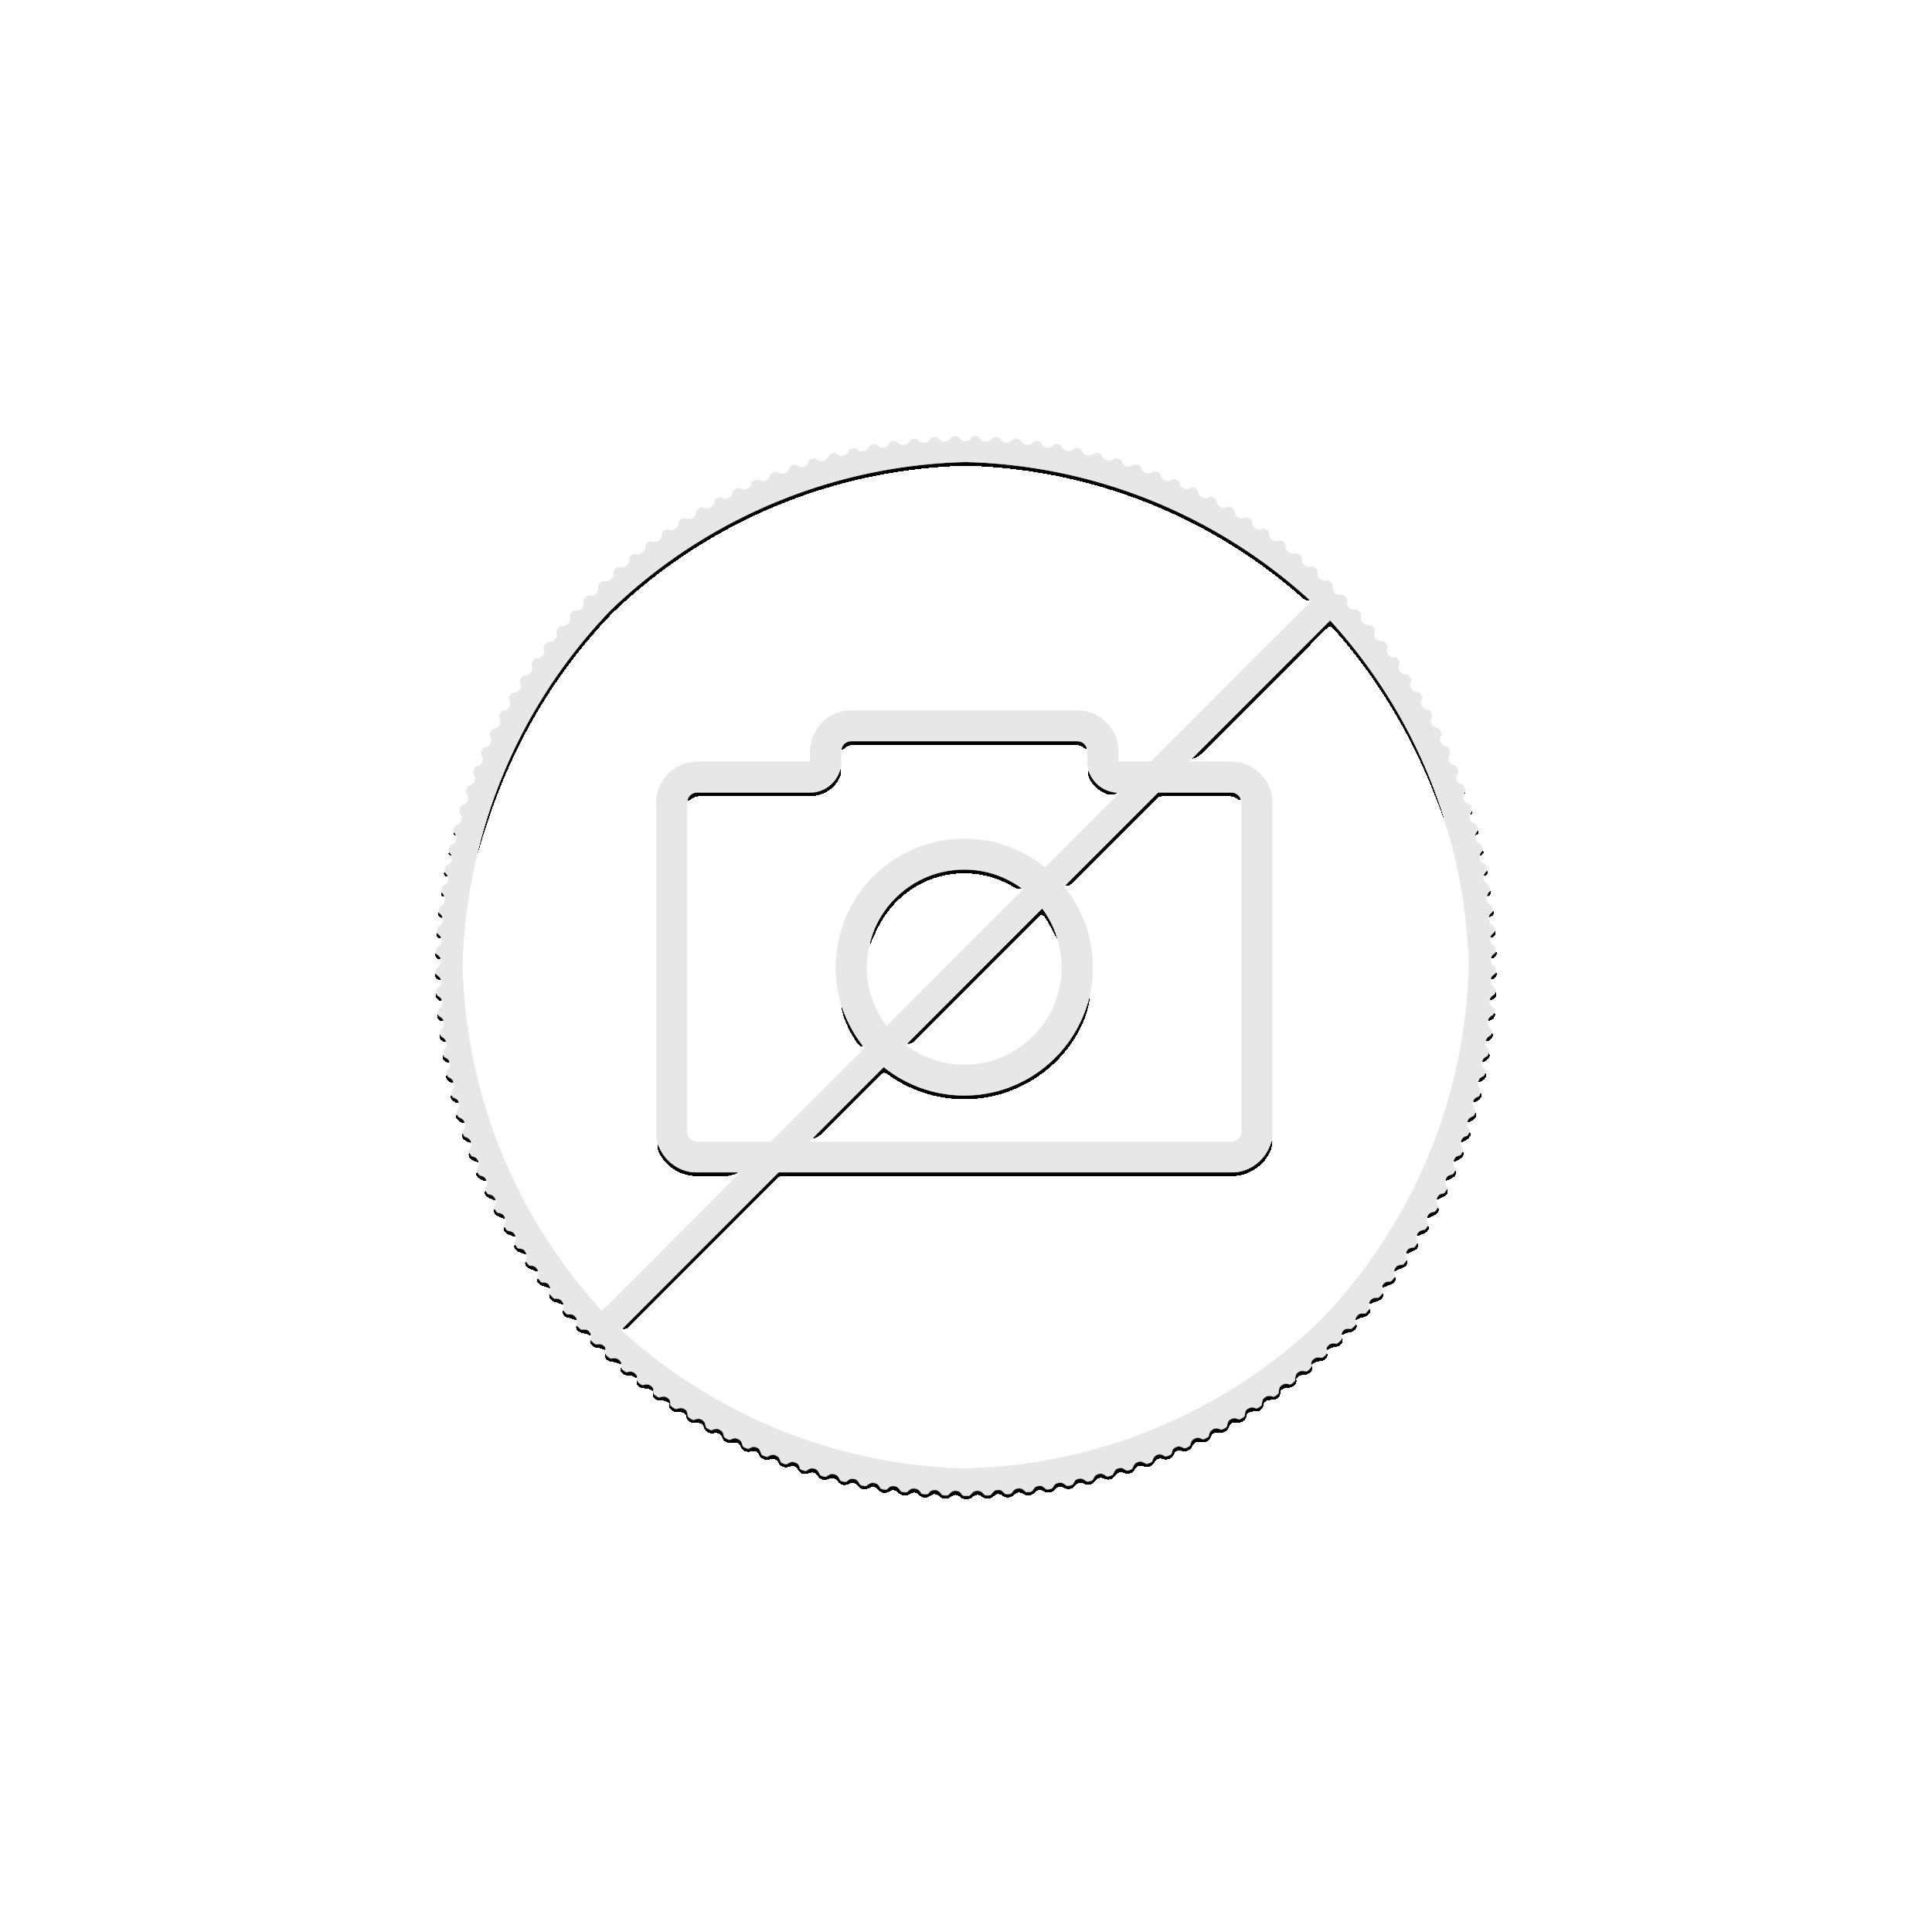 5 troy ounce zilveren Lunar munt 2018 - het jaar van de hond